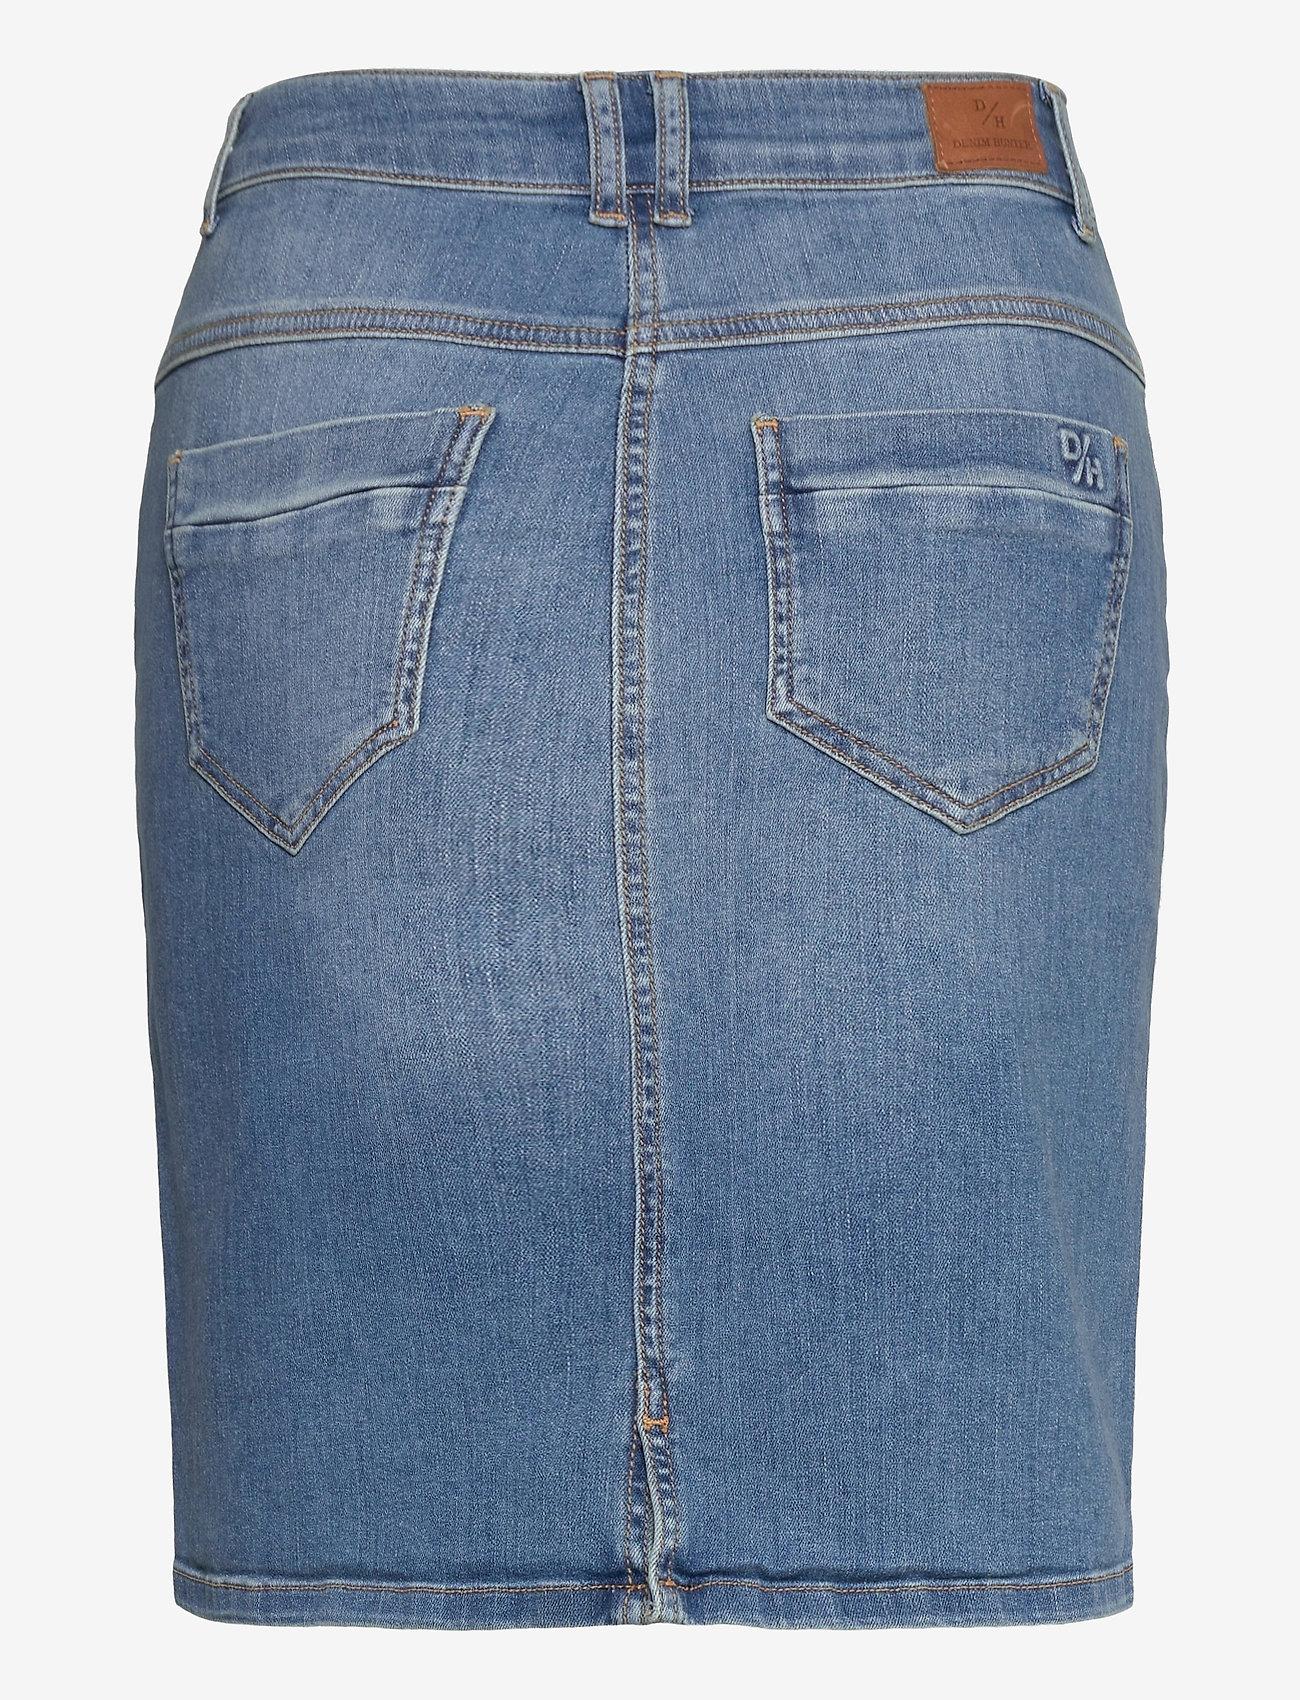 Denim Hunter - 12 THE DENIM SKIRT - jeanskjolar - light blue vintage wash - 1